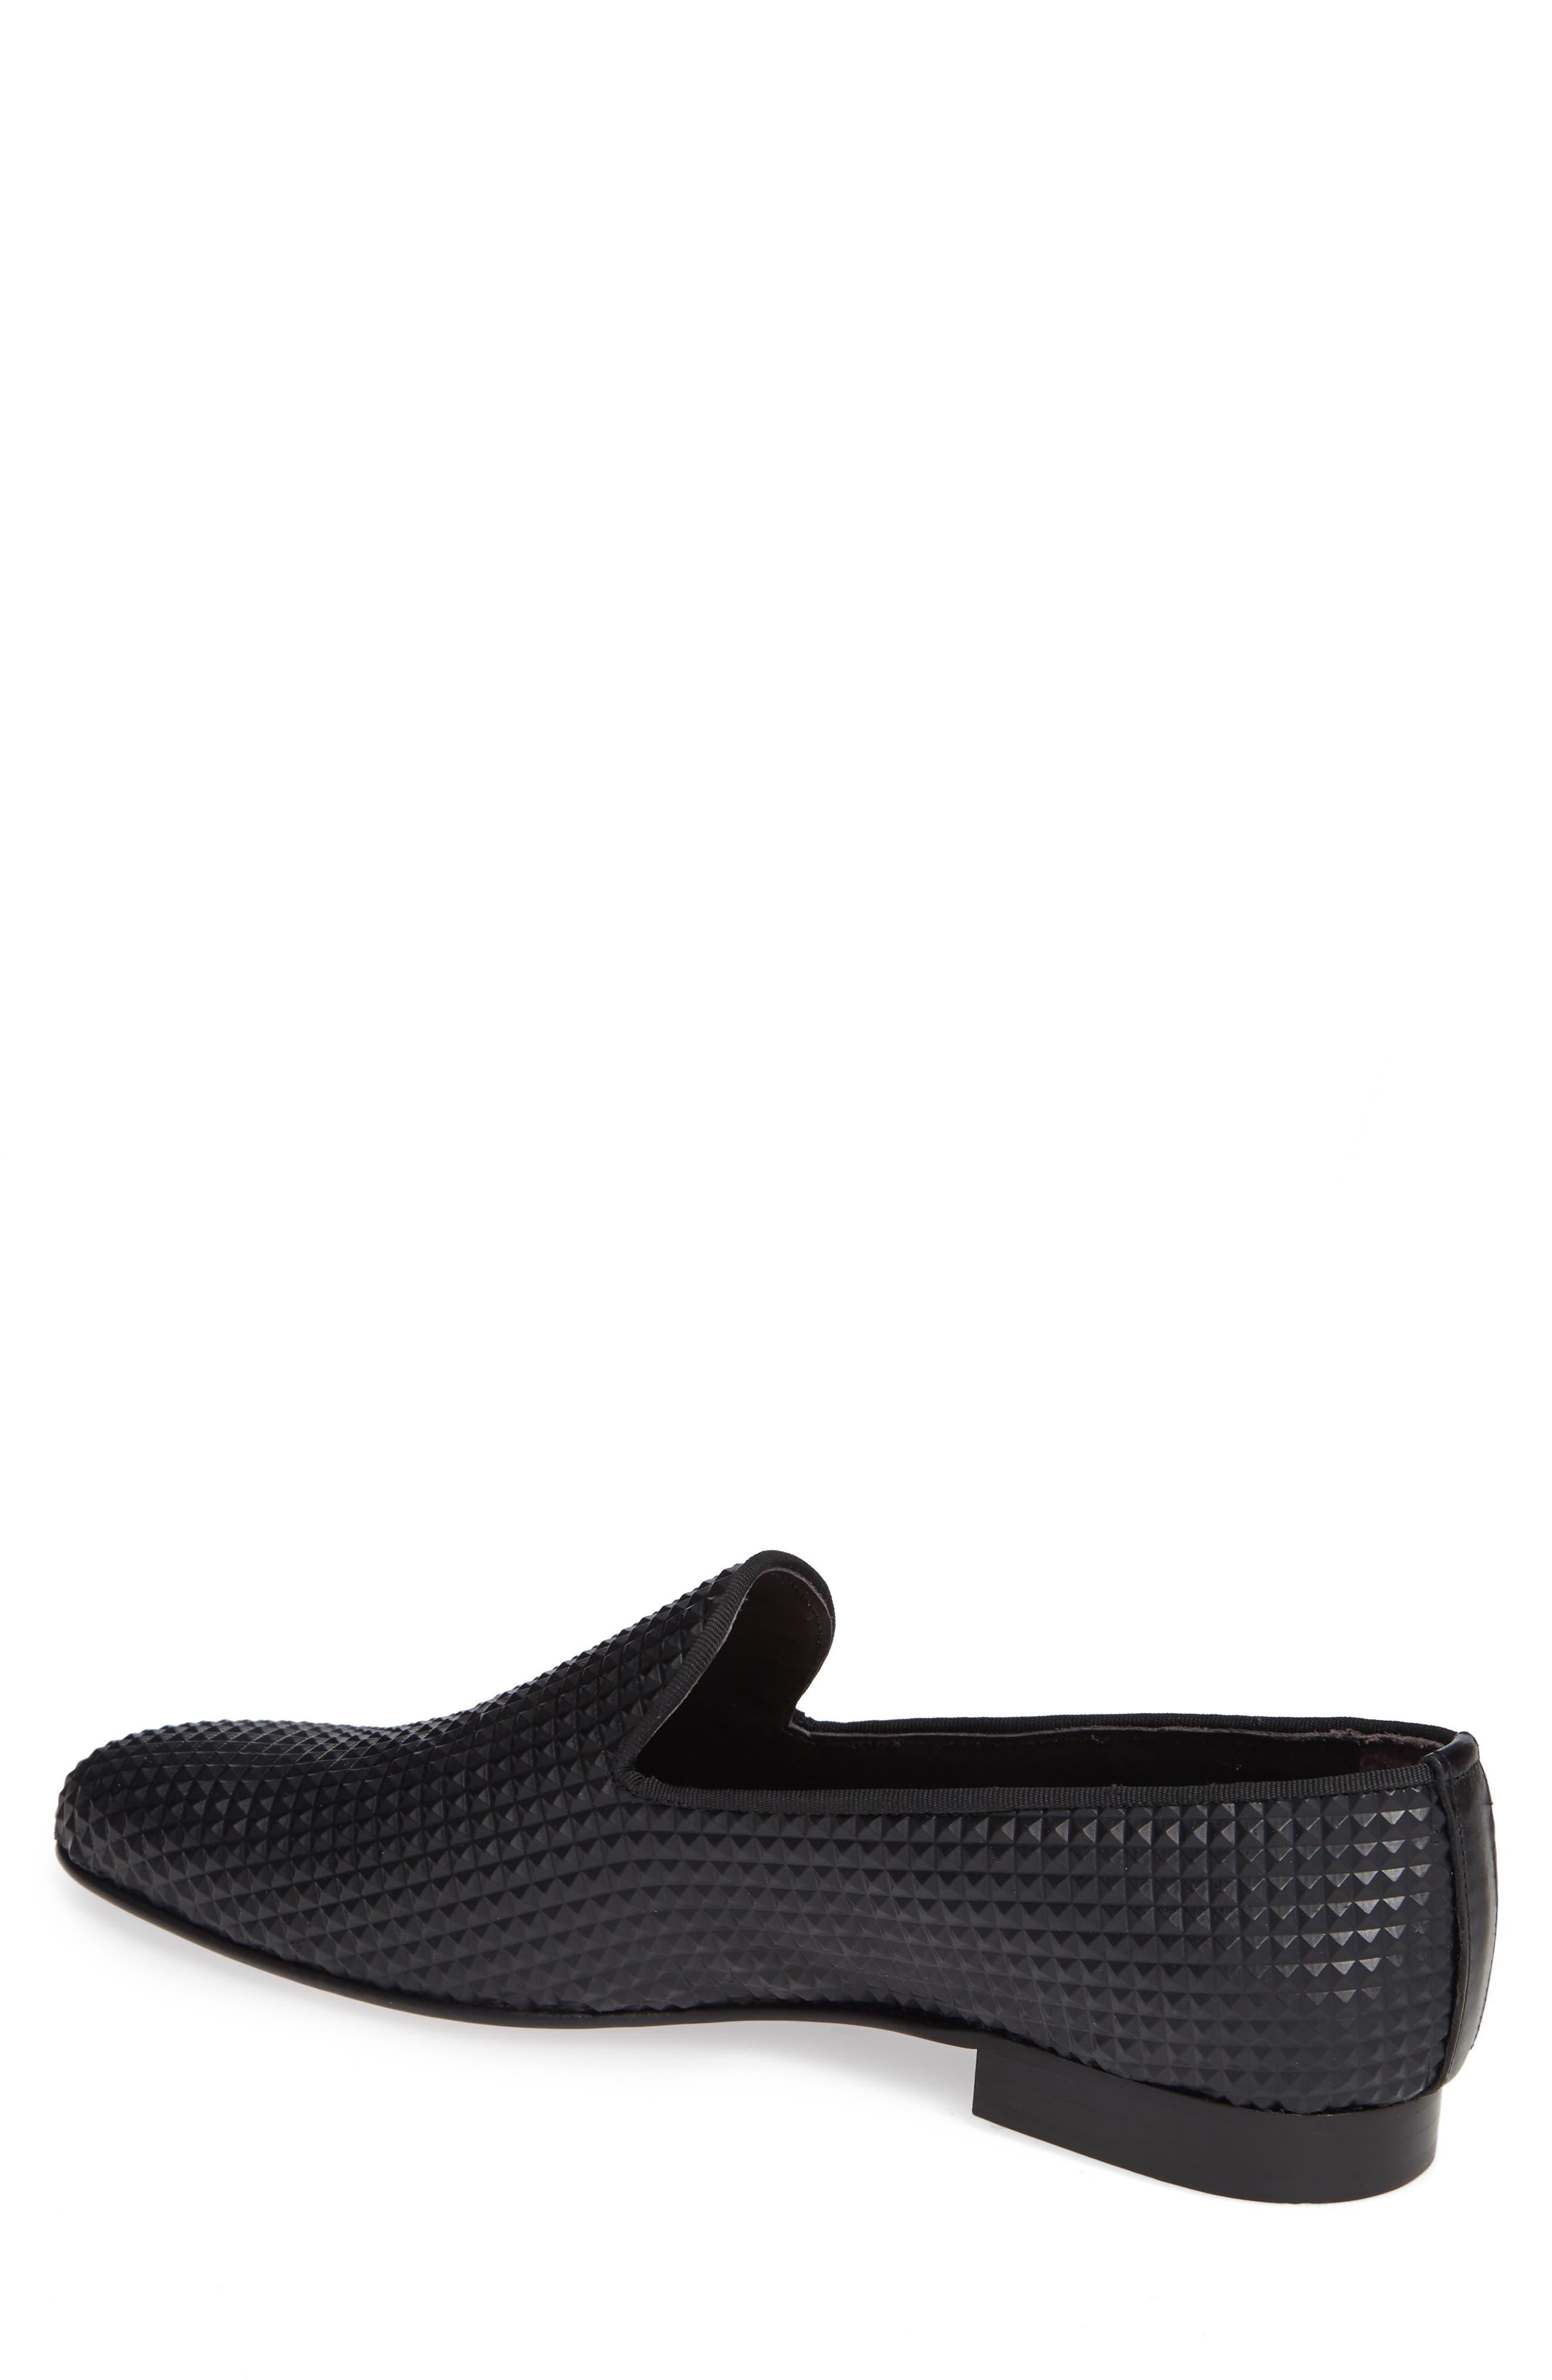 Milan Studded Venetian Loafer,                             Alternate thumbnail 2, color,                             BLACK